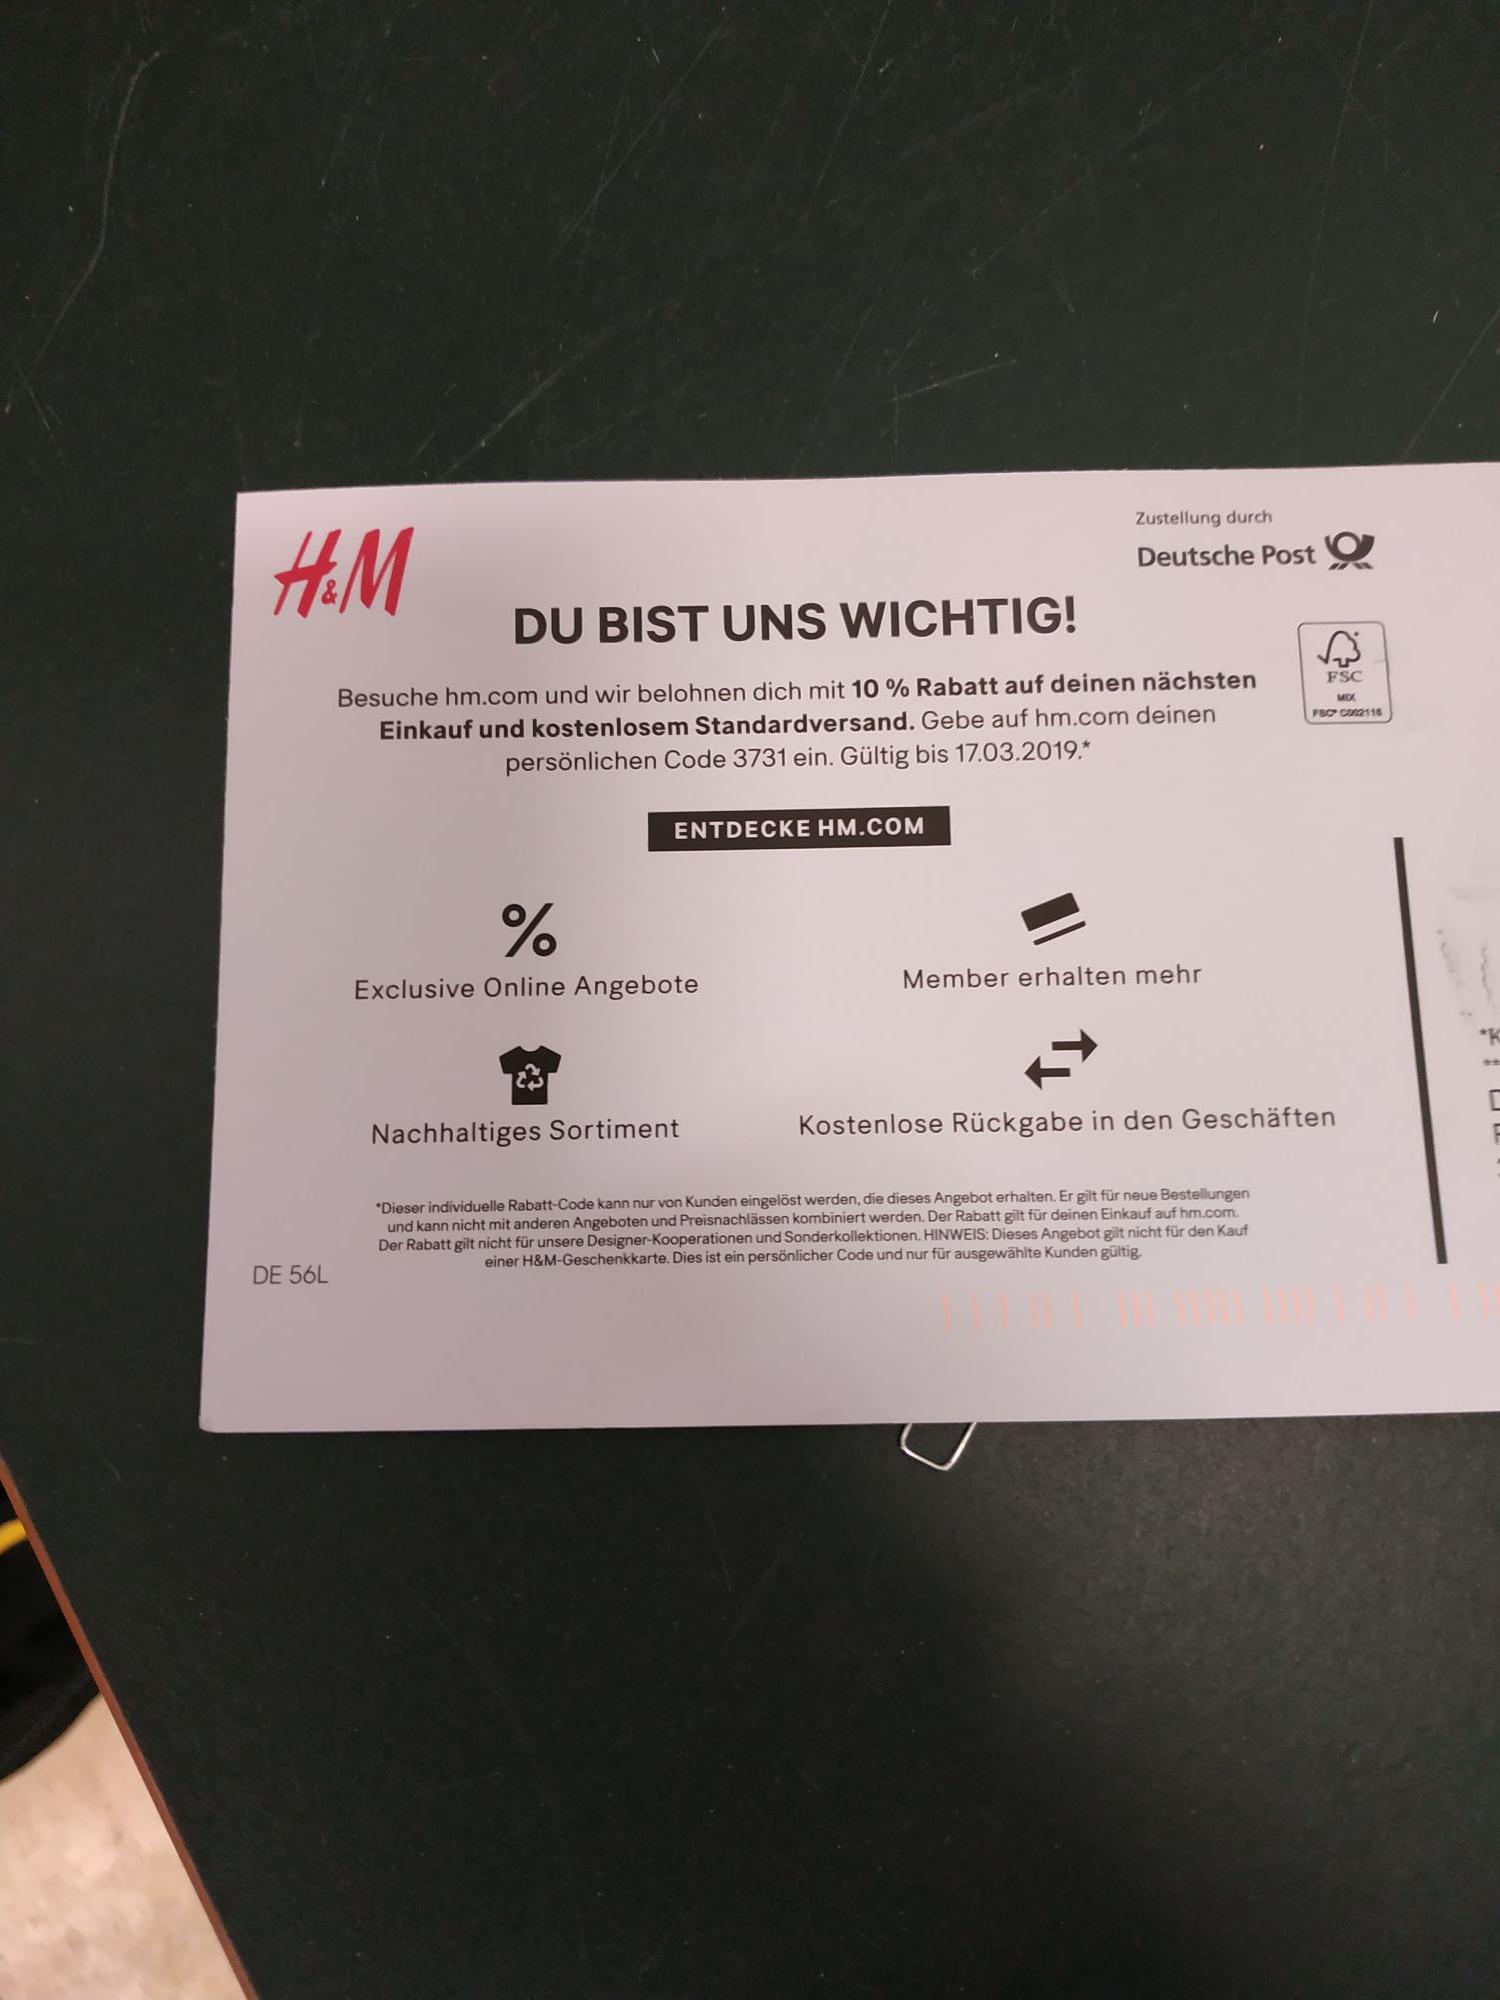 10% und kostenloser Versand bei H&M (evtl ausgewählte Kunden?)